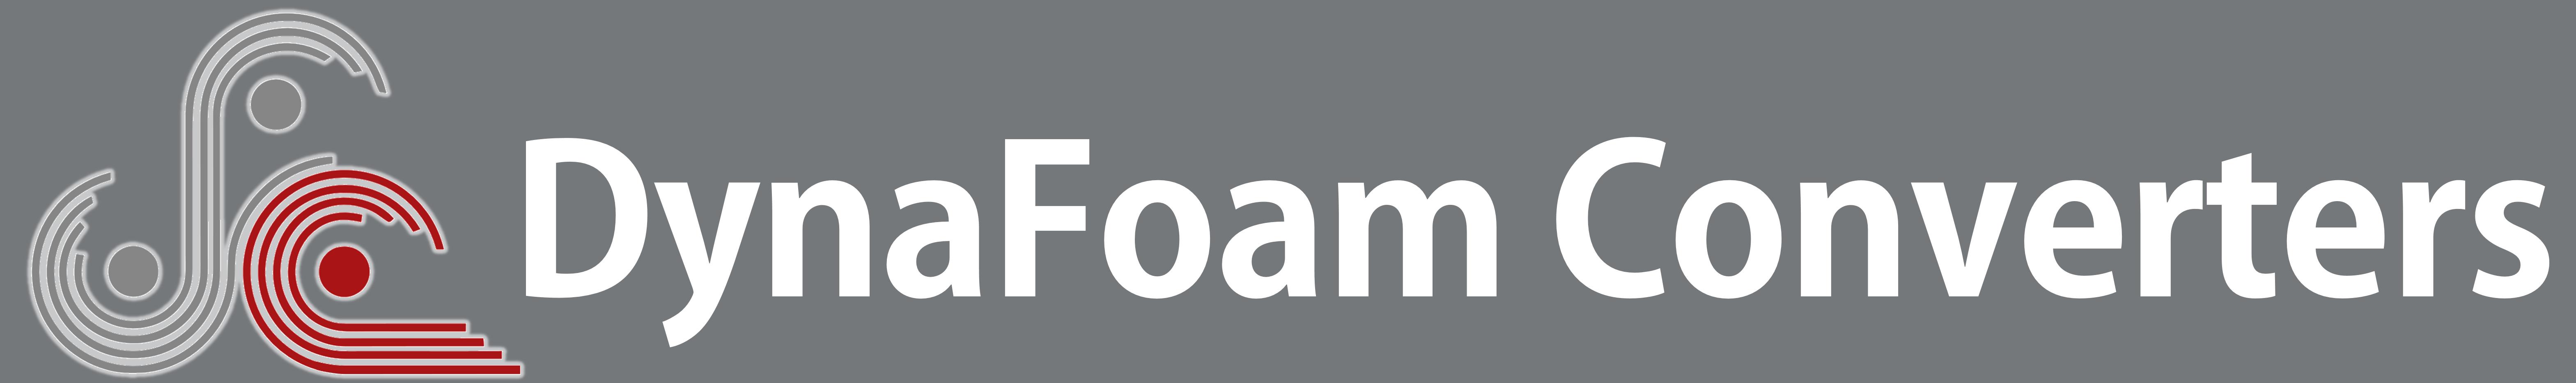 DynaFoam Converters